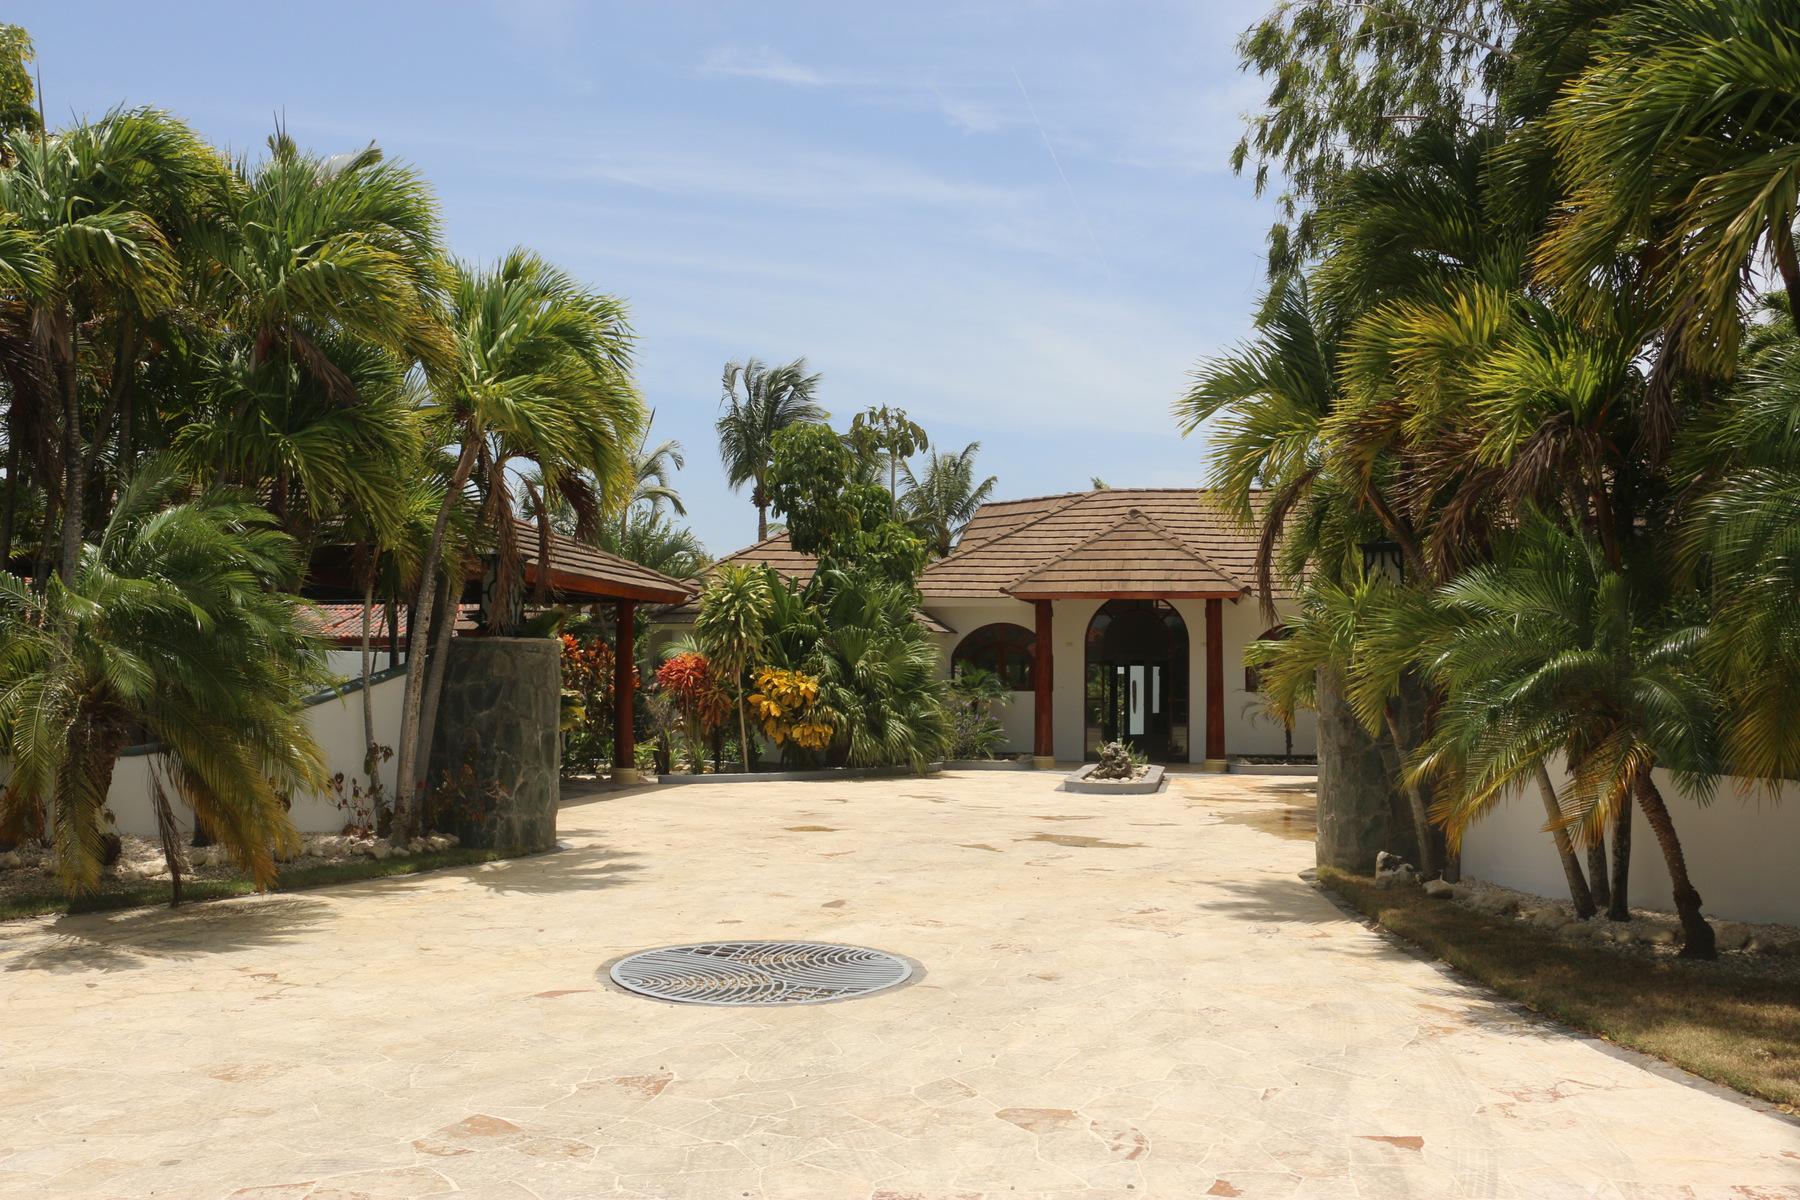 独户住宅 为 销售 在 Villa Paraiso Zen Cabarete, 普拉塔省, 多米尼加共和国